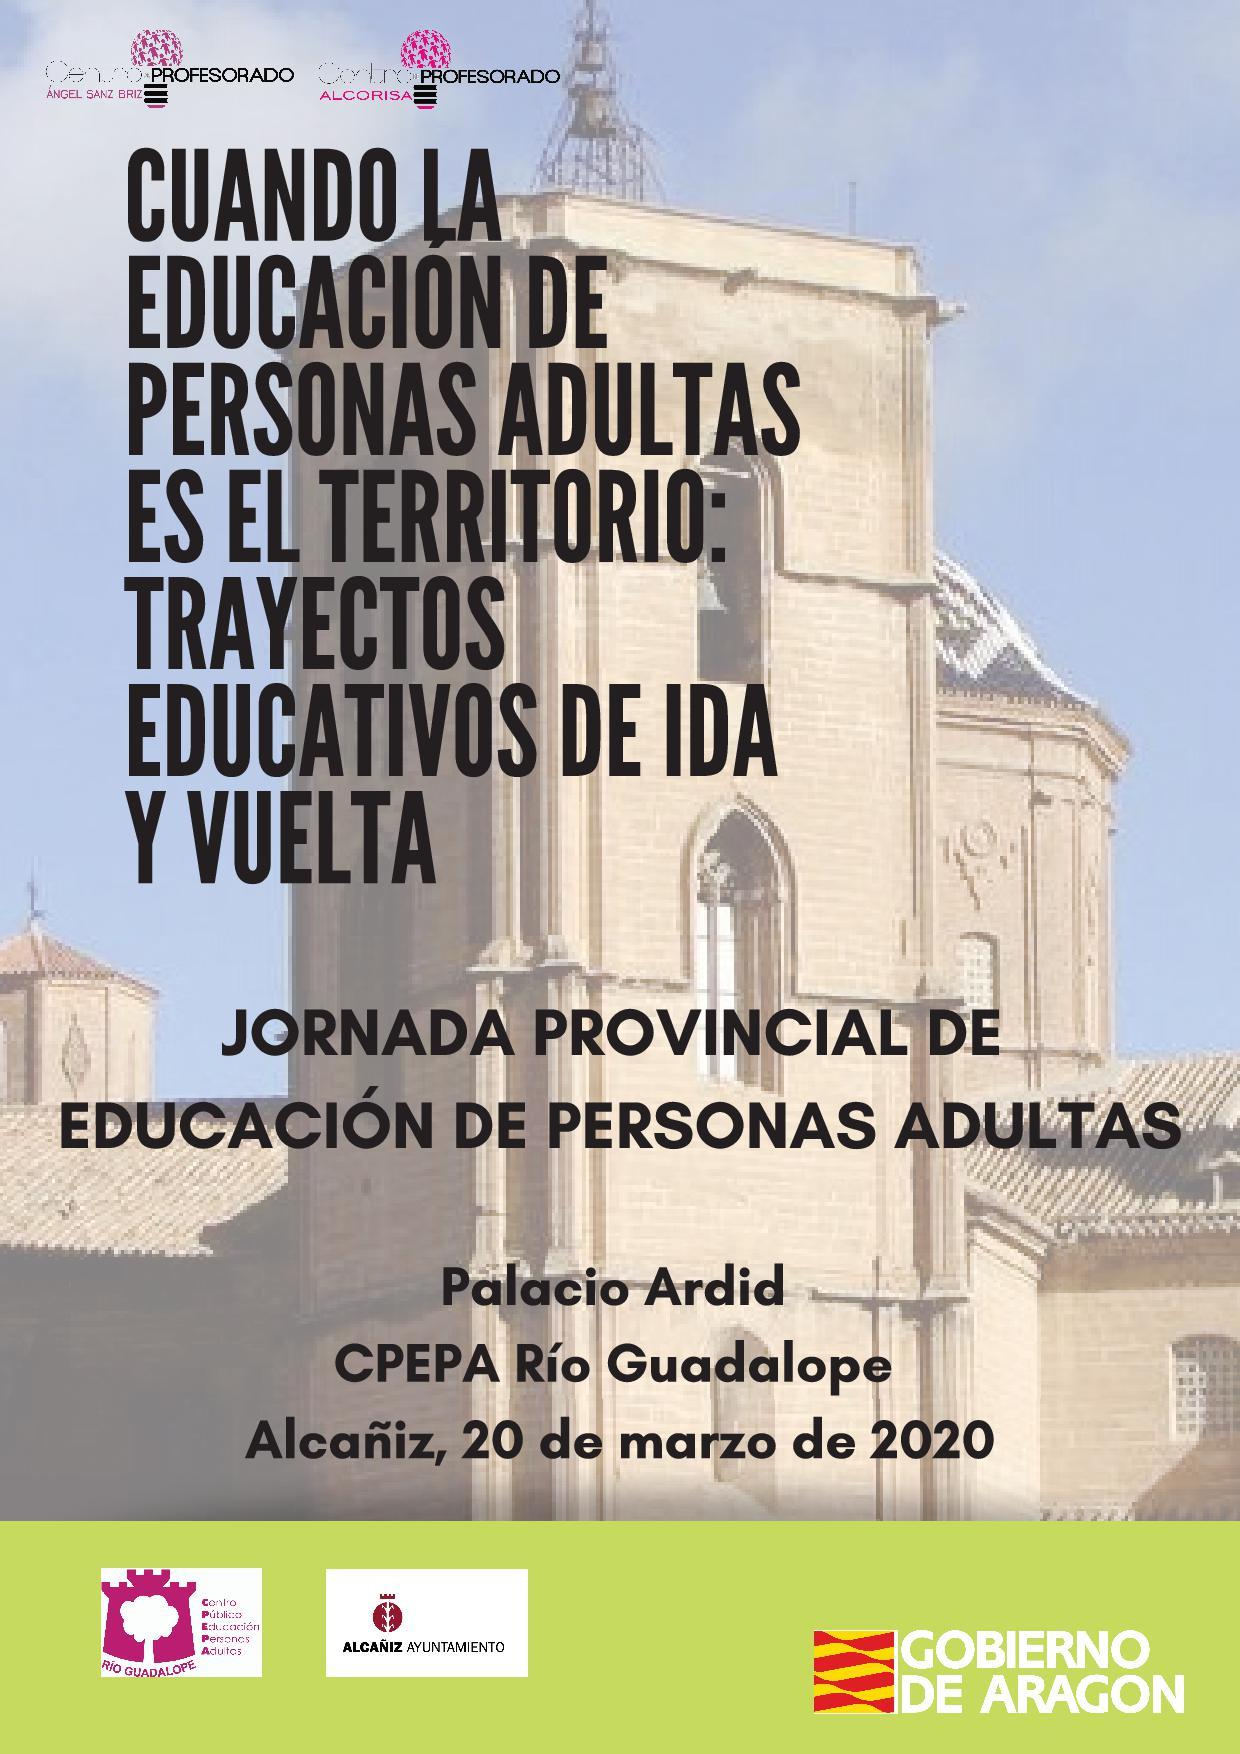 JORNADA PROVINCIAL DE EDUCACIÓN DE PERSONAS ADULTAS (Teruel)